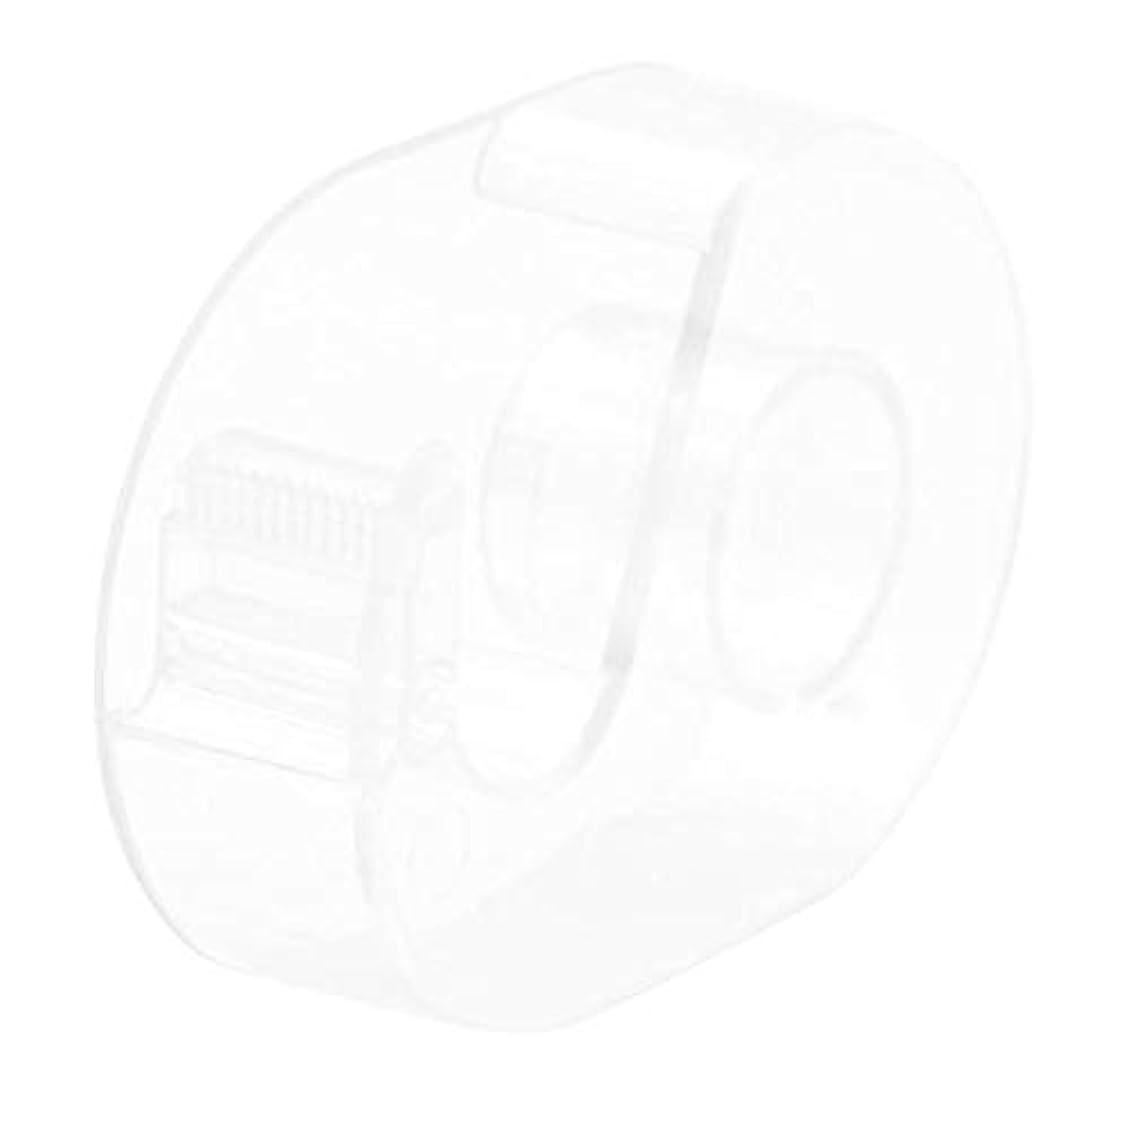 ハイランド緯度分布透明プラスチック和紙テープディスペンサー和紙テープカッター主催ホルダー学校オフィス工場用品文房具